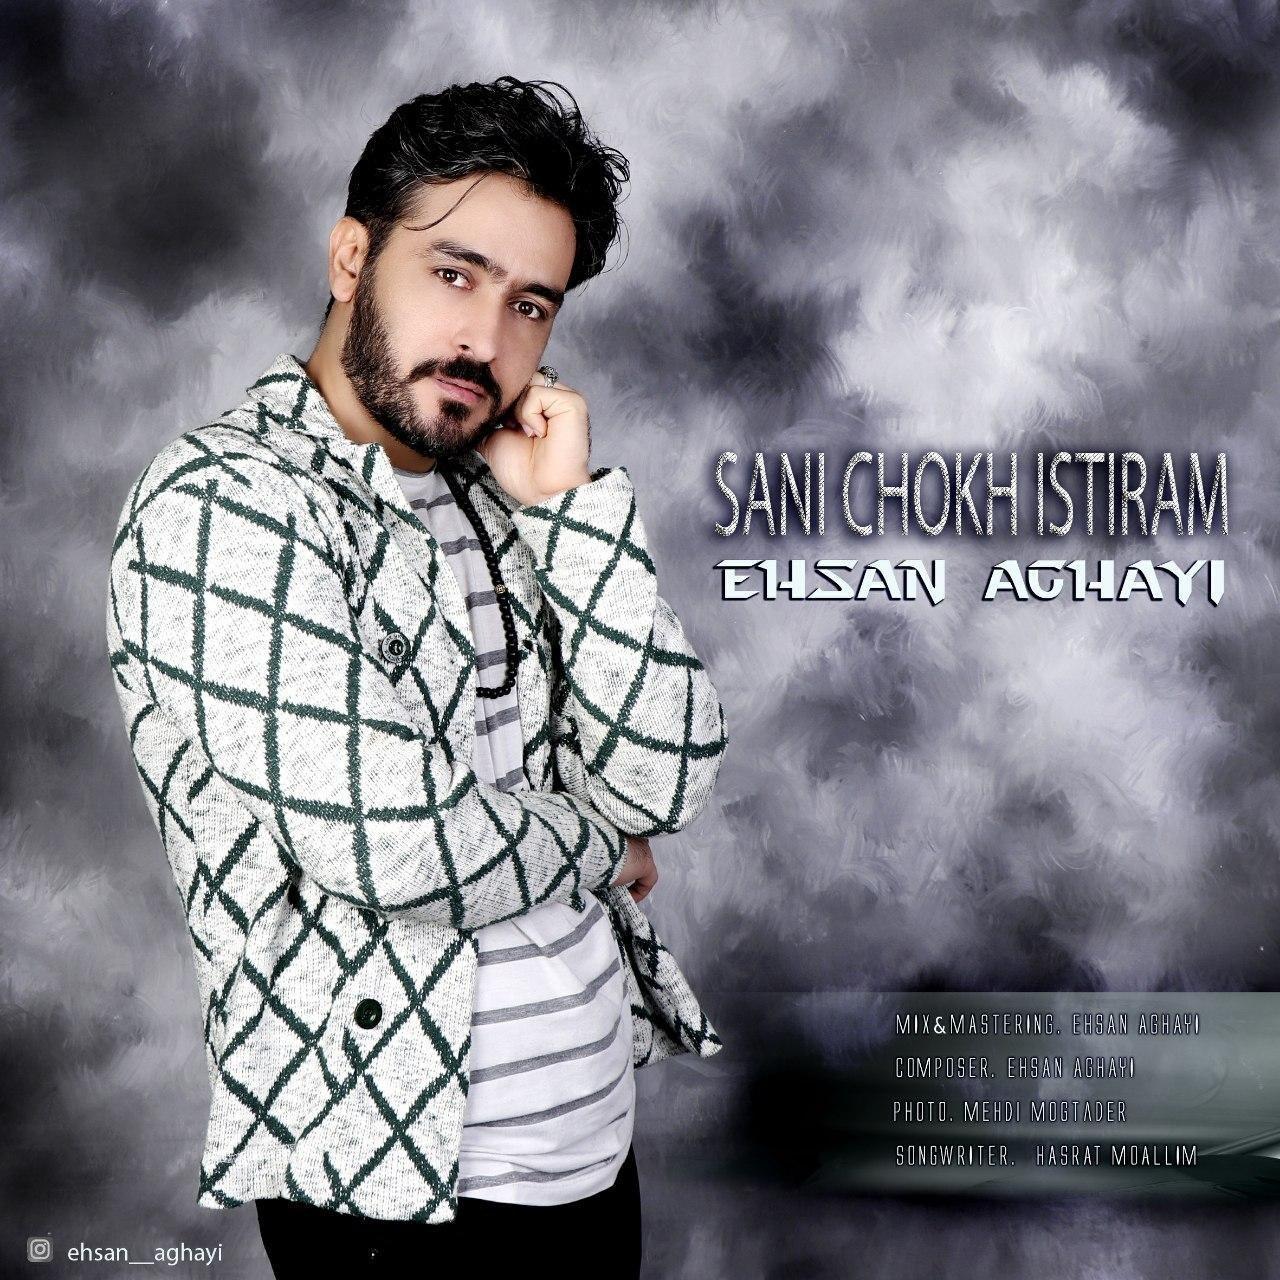 http://s4.picofile.com/file/8396784192/05Ehsan_Aghayi_Sani_Chokh_Istiram.jpg